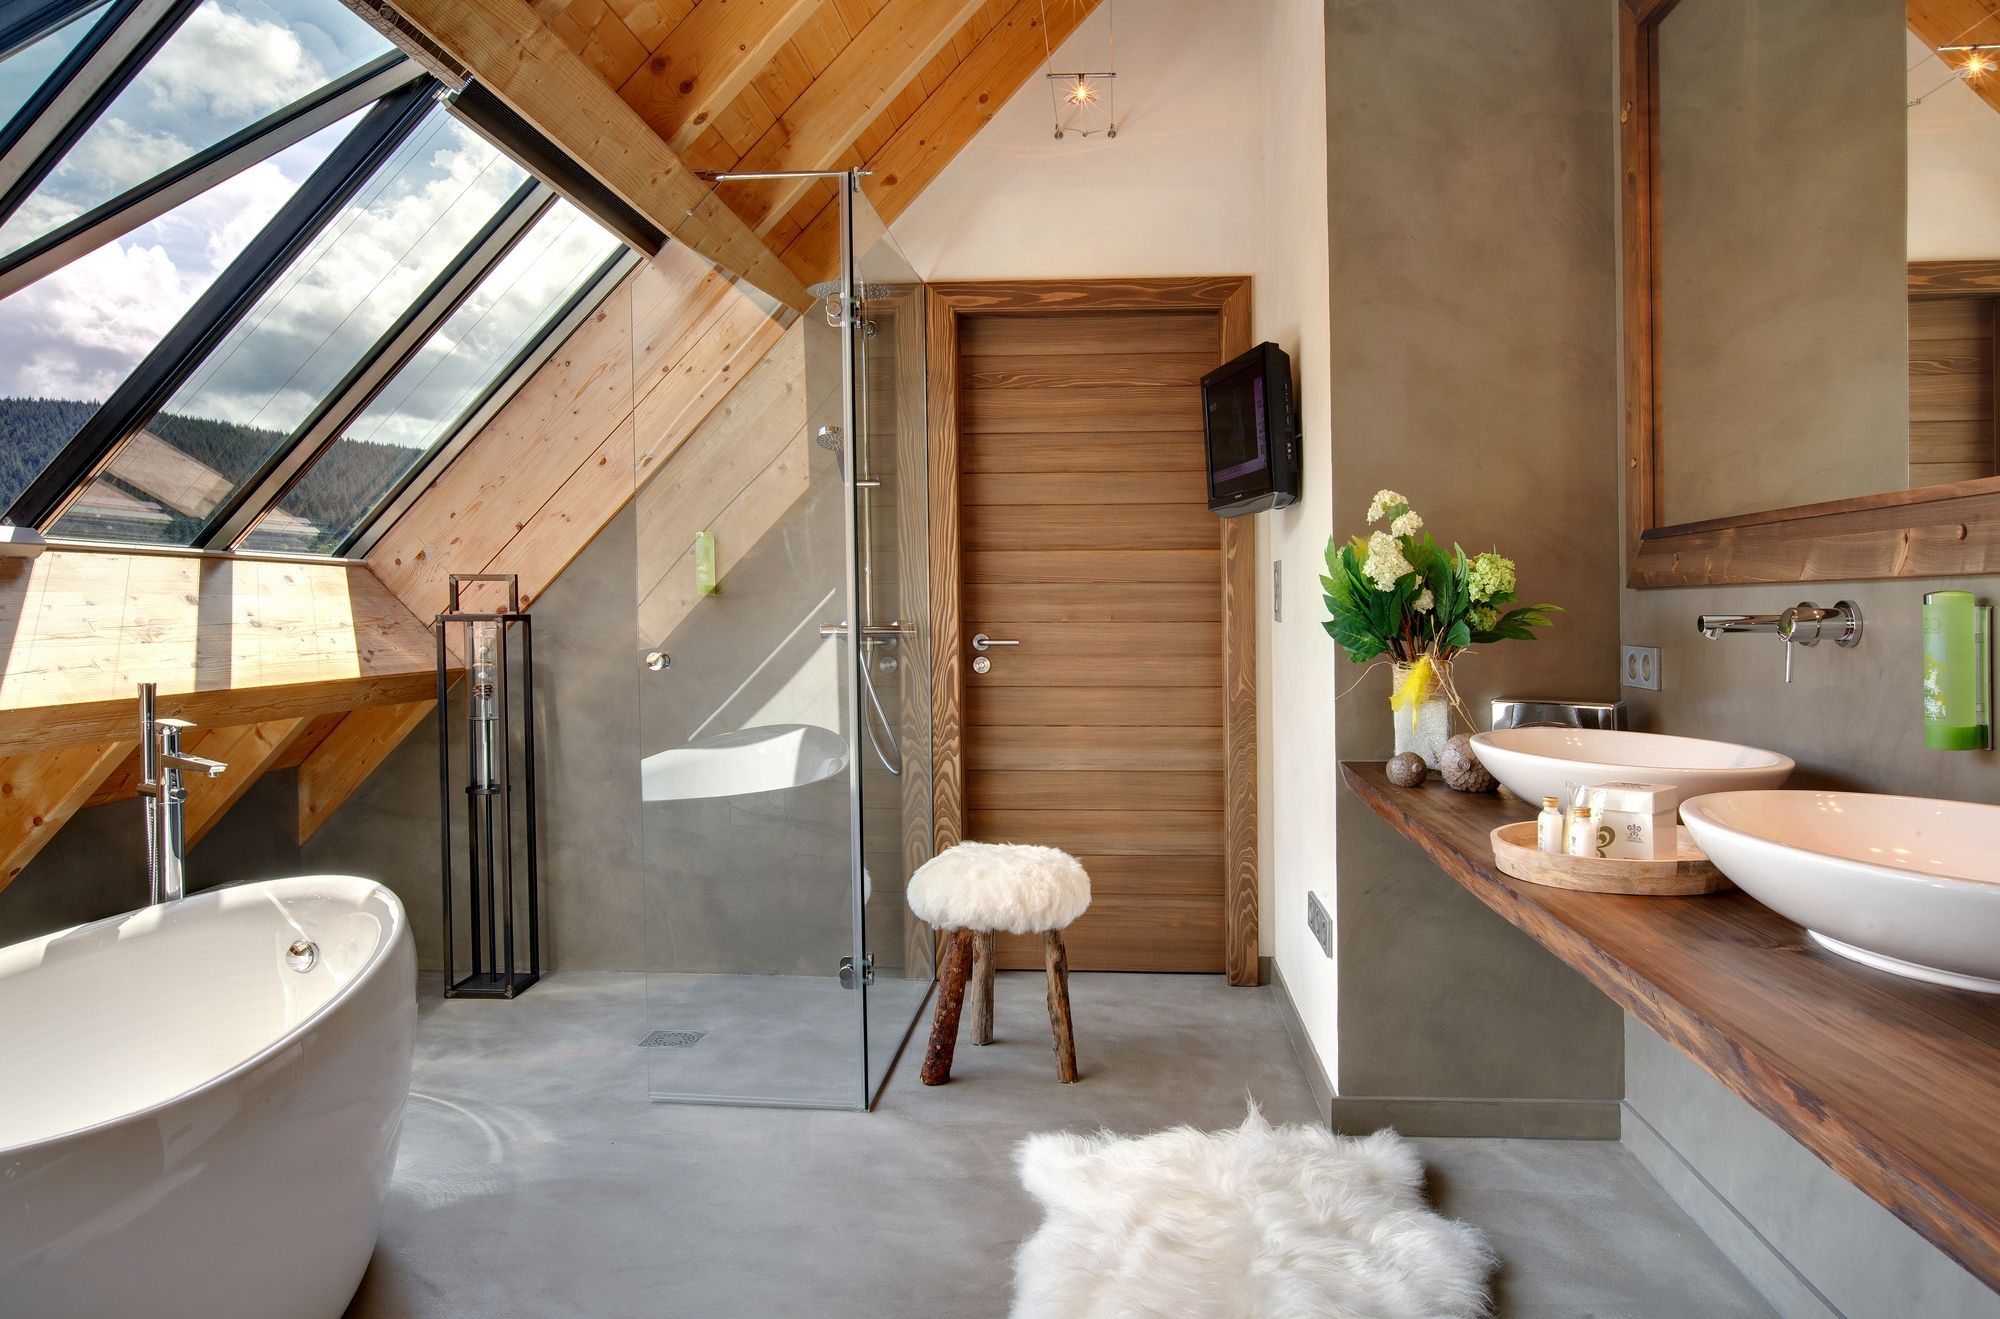 Les Suites Avec Jacuzzi Privatif De L Hotel Spa La Cheneaudiere Idee Combles Salle De Bain En Beton Salle De Bain Extraordinaire